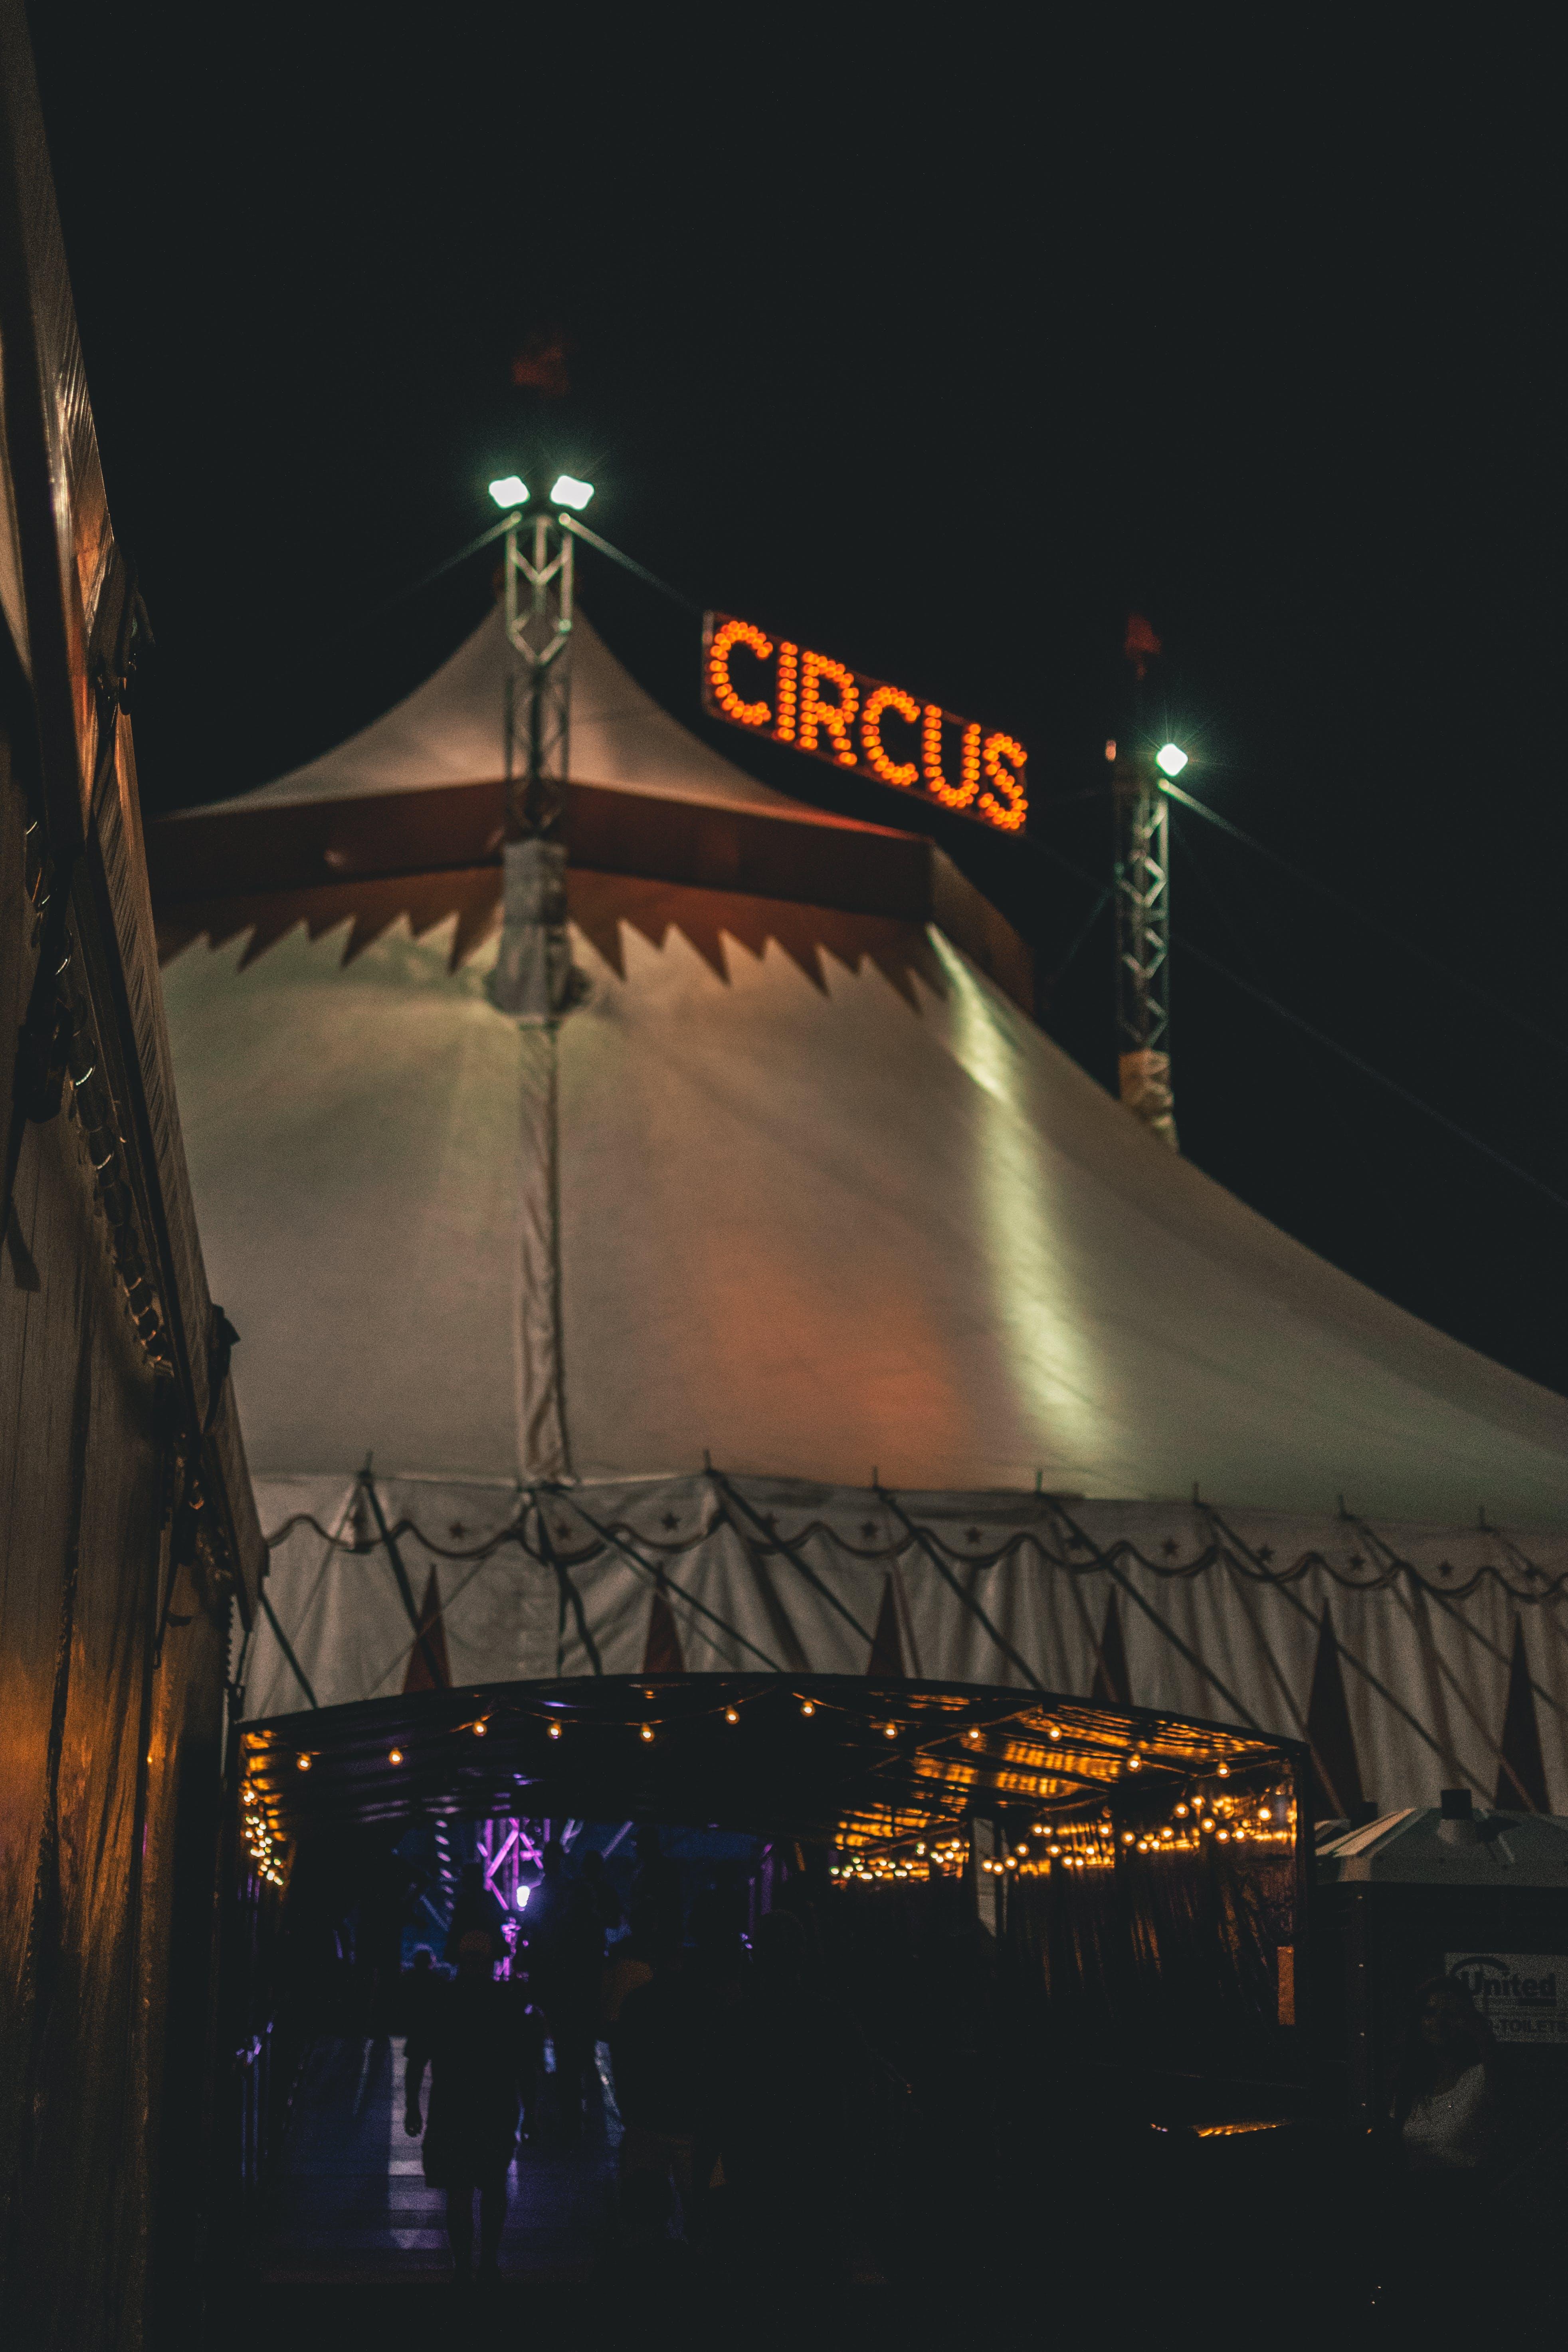 Fotos de stock gratuitas de arquitectura, circo, color, entretenimiento